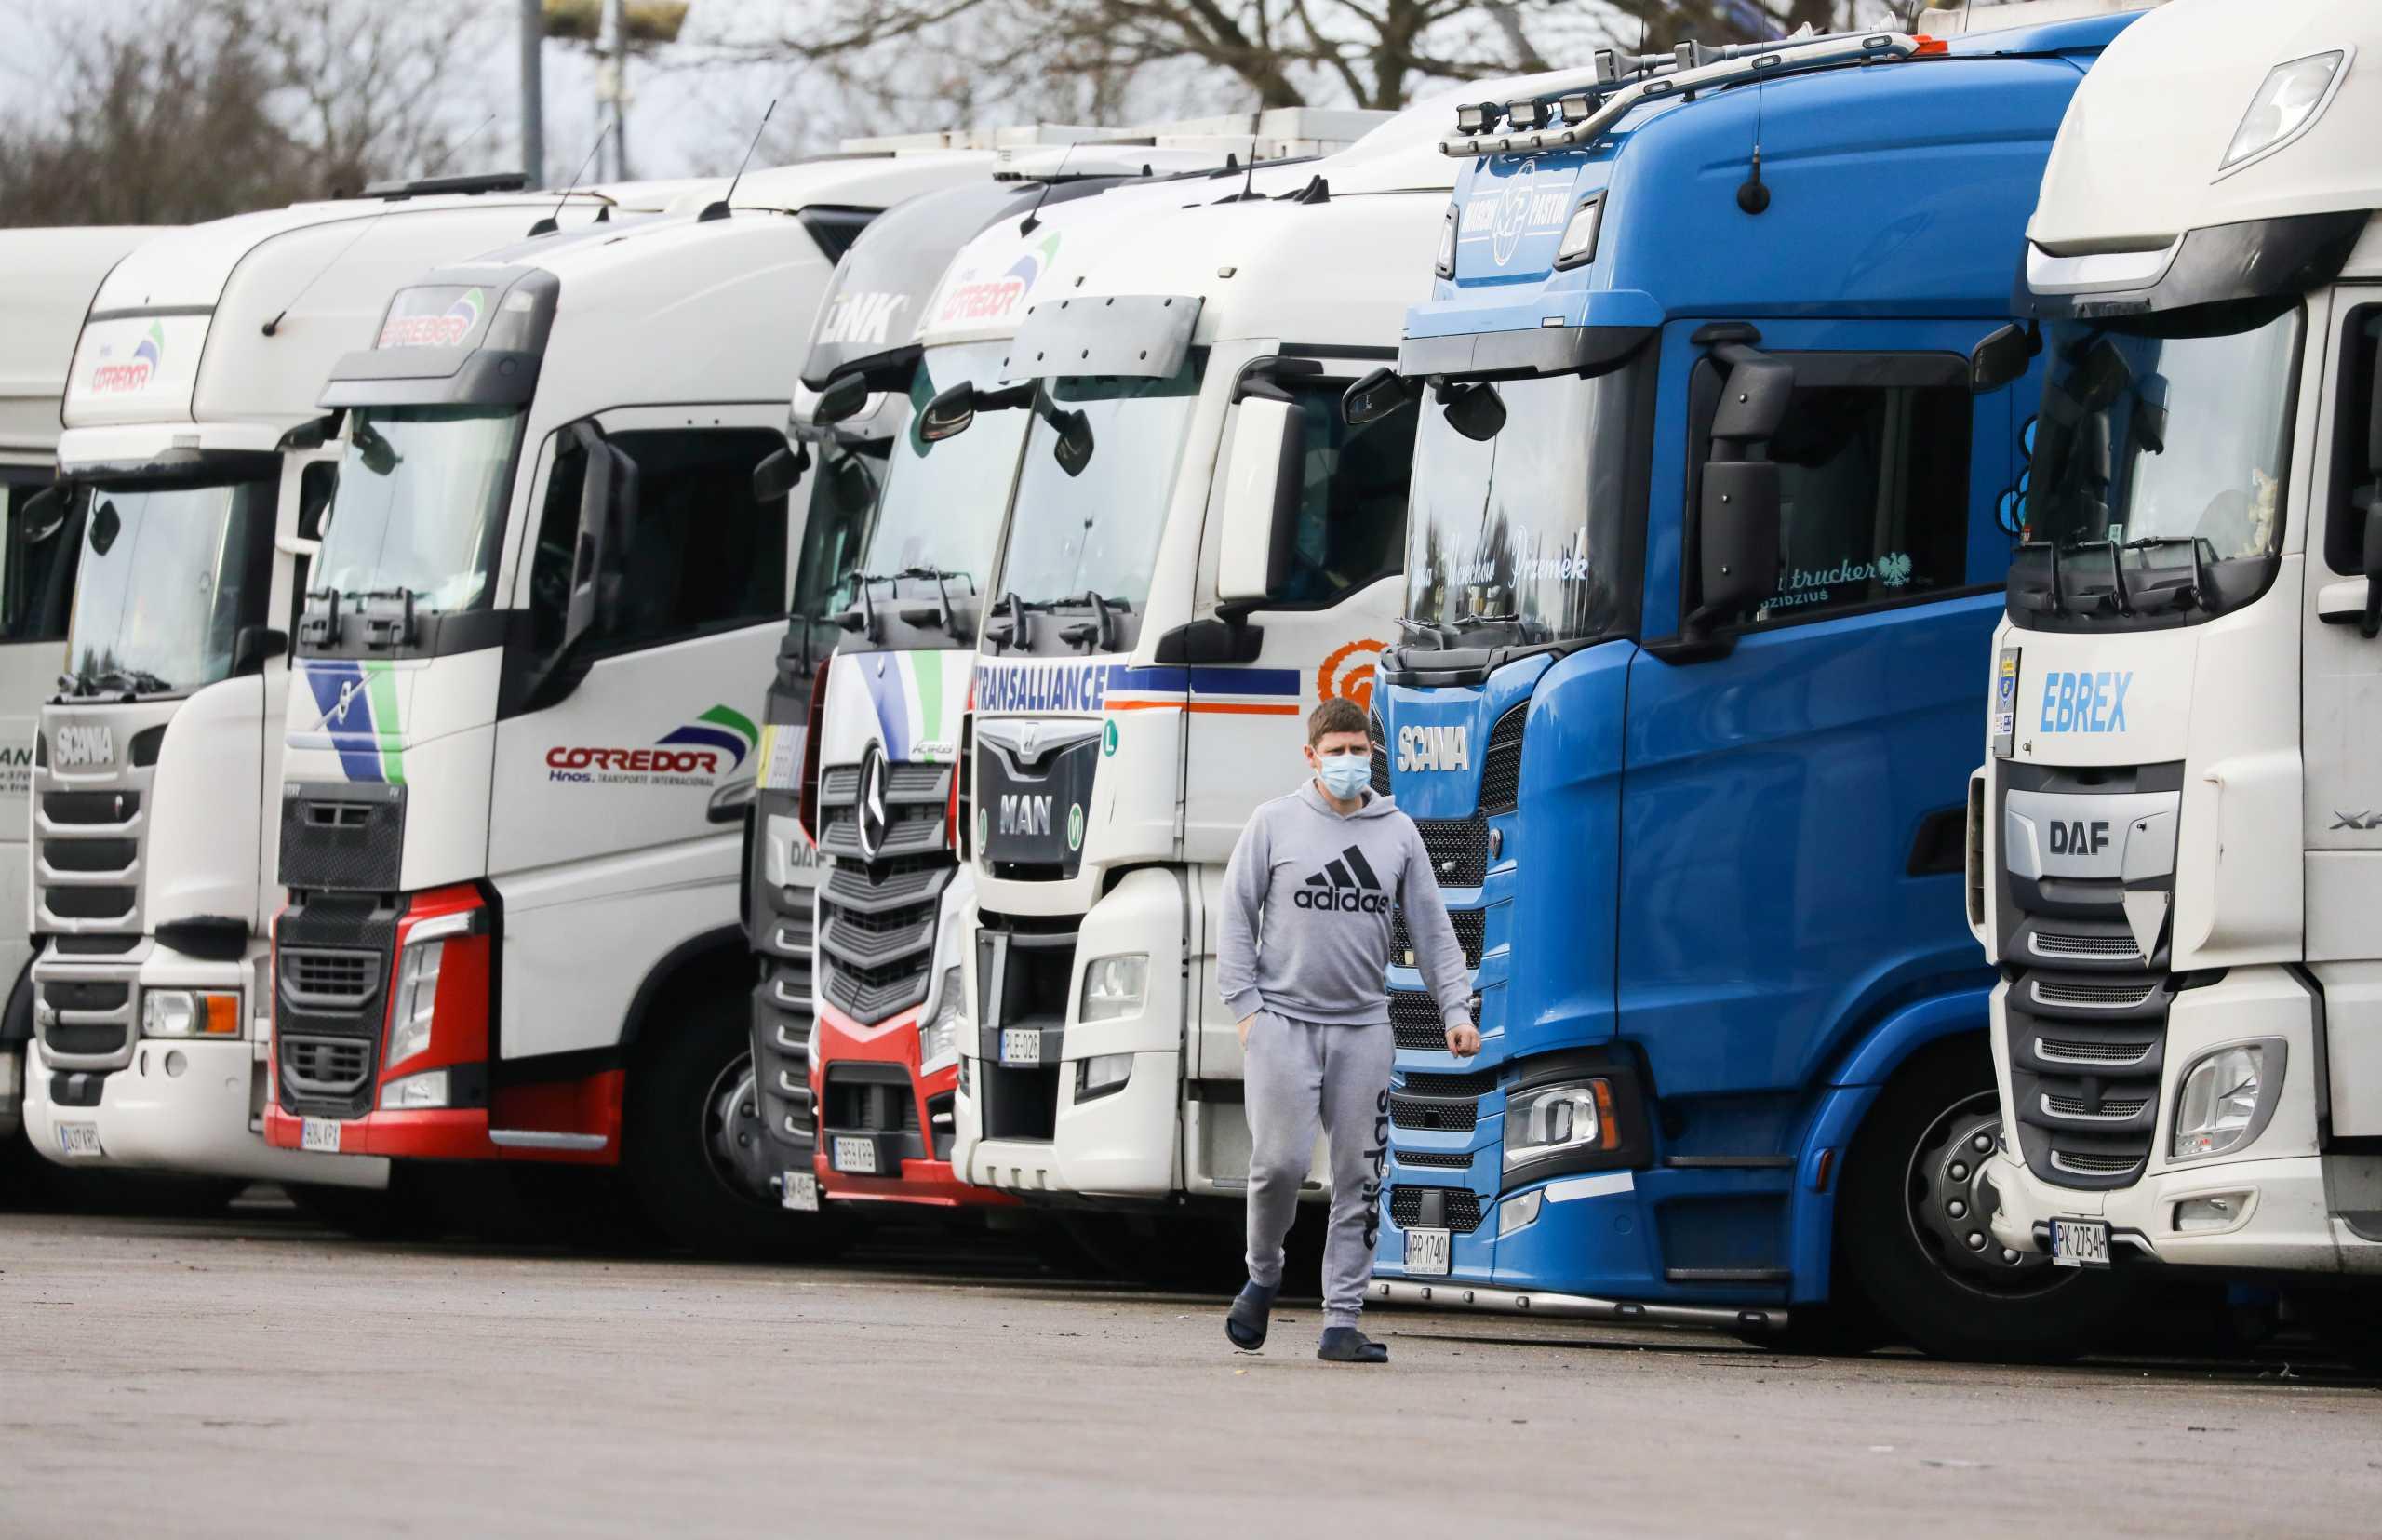 Μετά την Βρετανία, η ώρα της Γερμανίας: Αναμένονται ελλείψεις στη χριστουγεννιάτικη αγορά